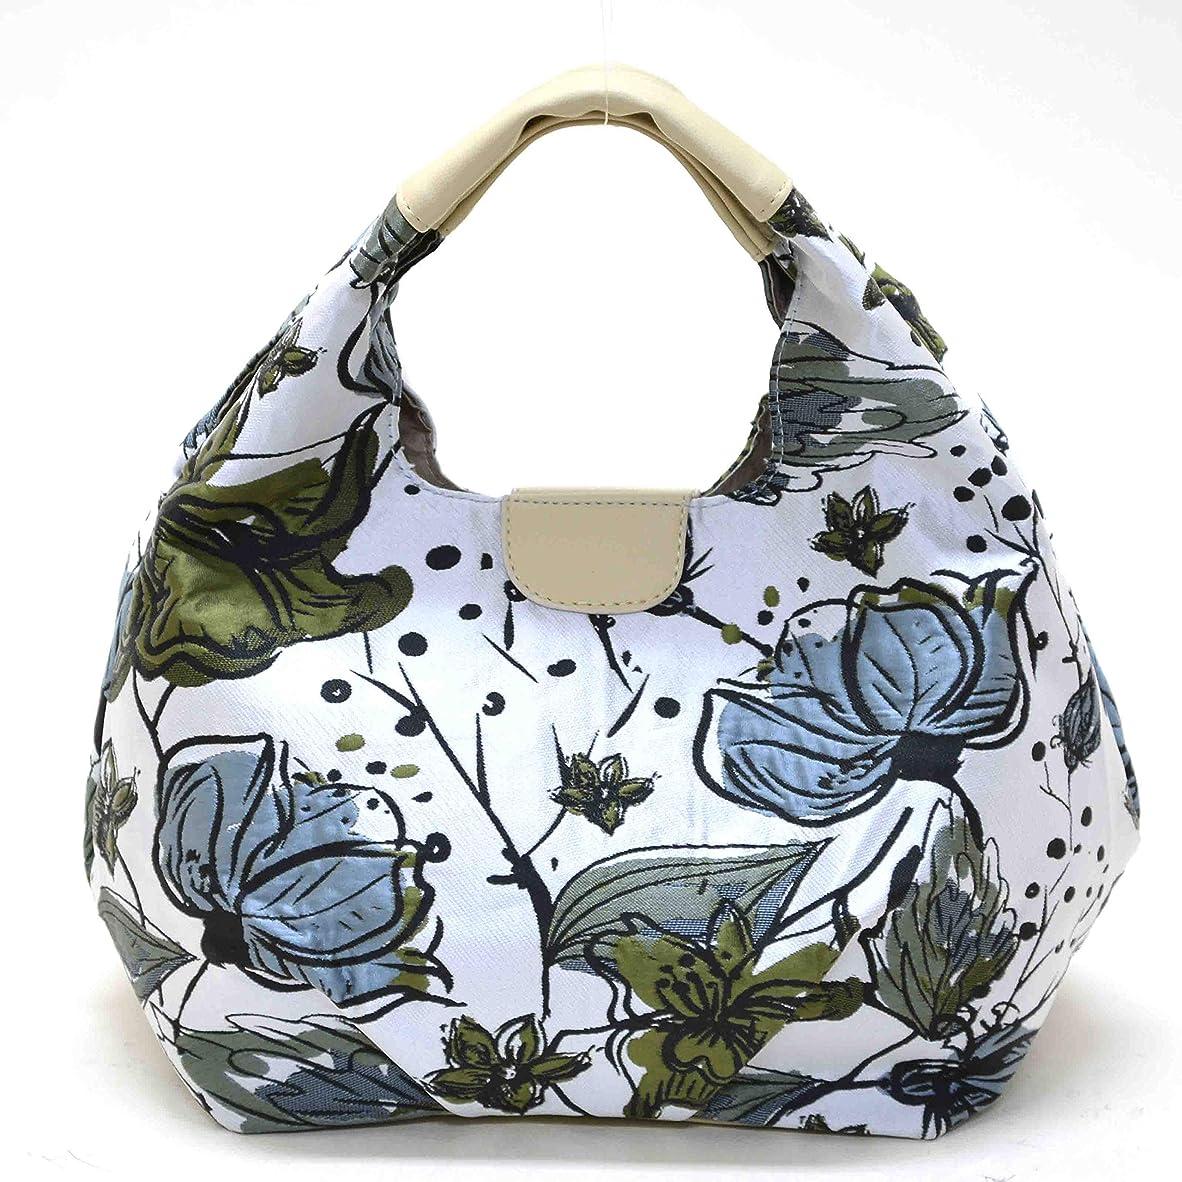 天才甲虫残酷[Avancer] 花柄 手提 ショルダー レディース ファッションバッグ <76372> 春物 お出掛け